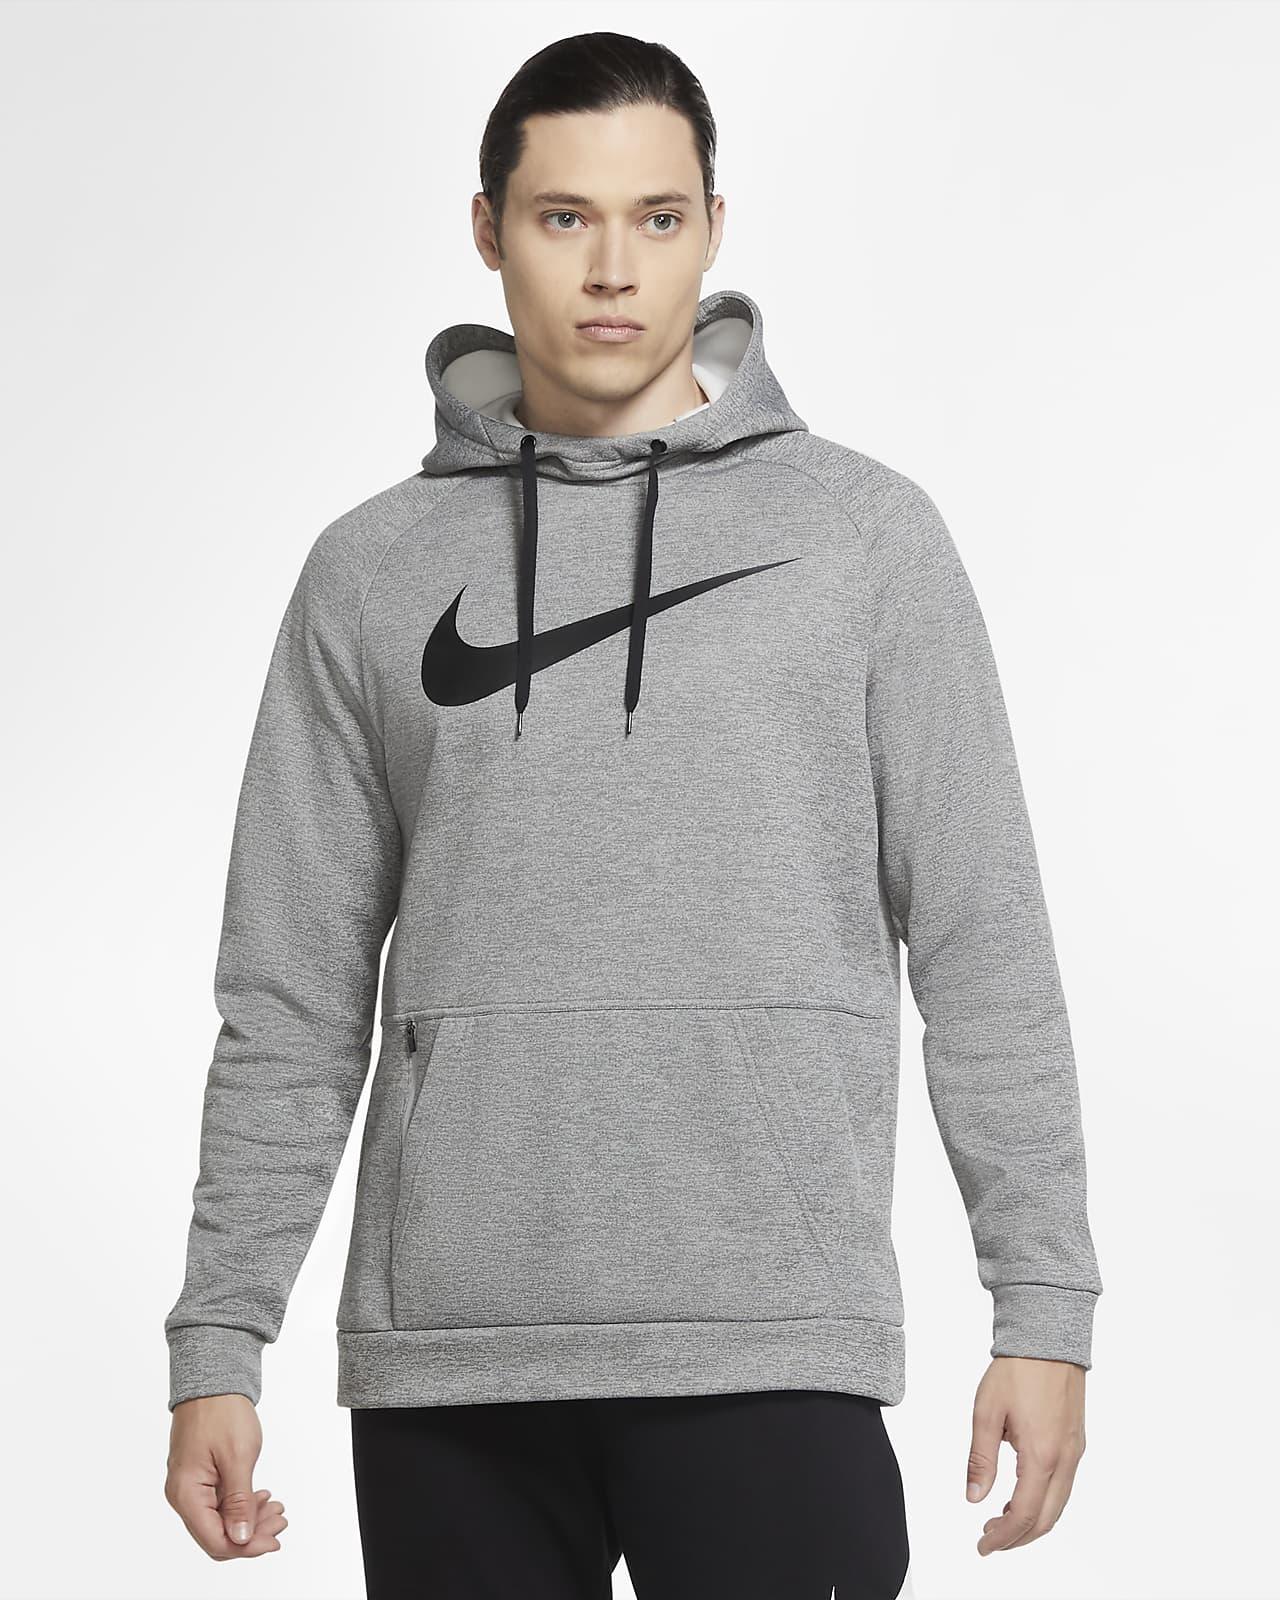 Nike Therma Swoosh 男子套头训练连帽衫